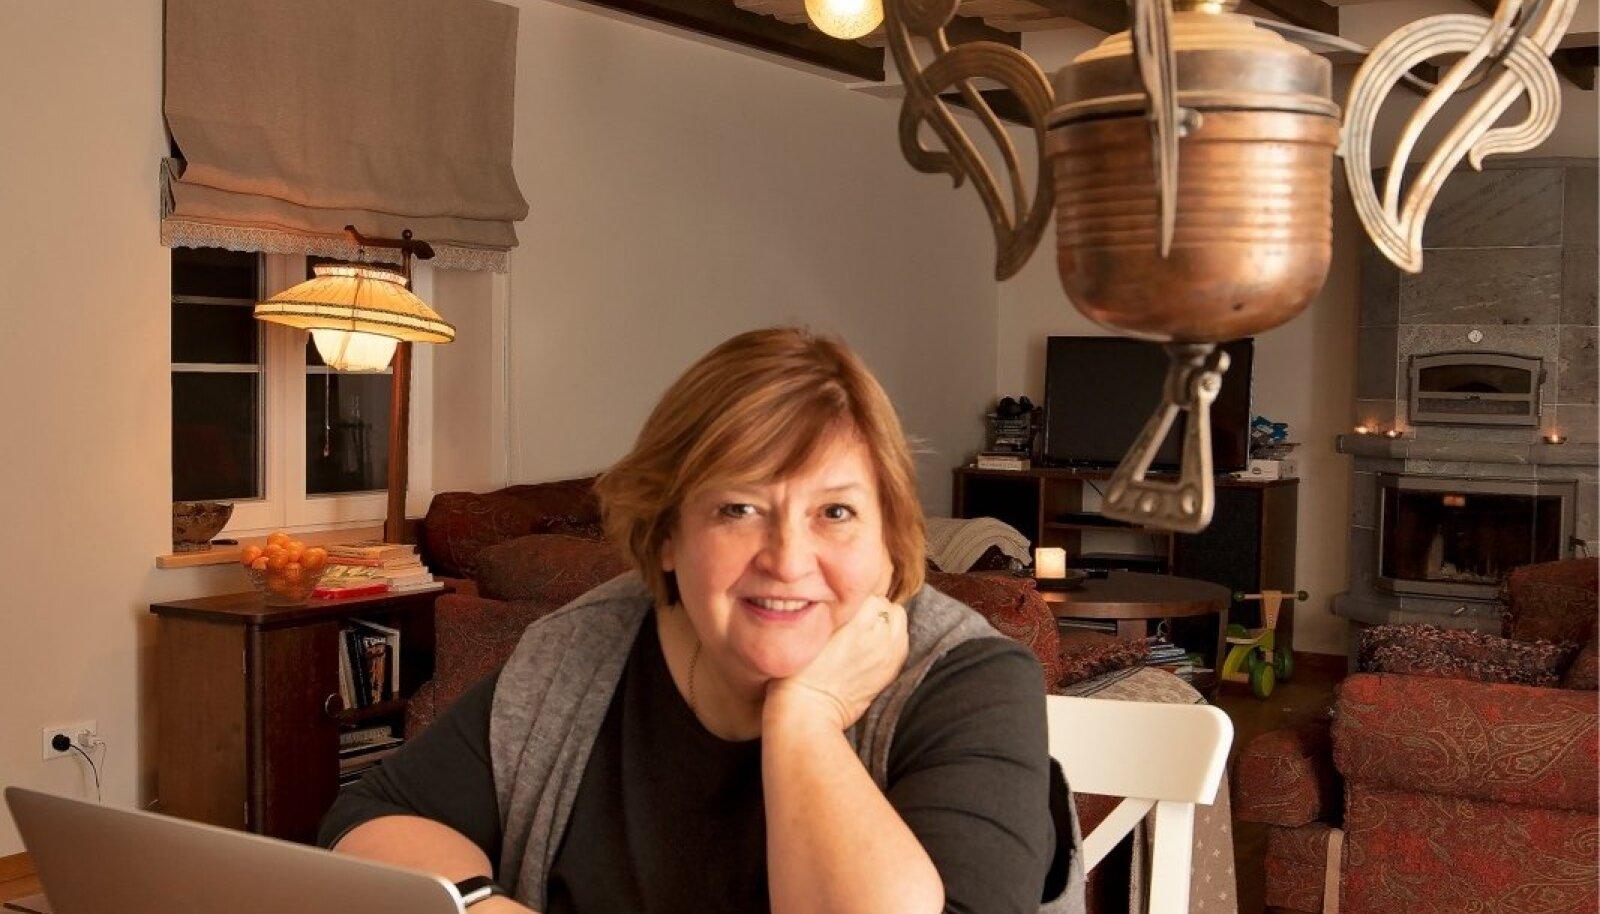 Rahvusvahelise filmifestivali PÖFF direktor Tiina Lokk